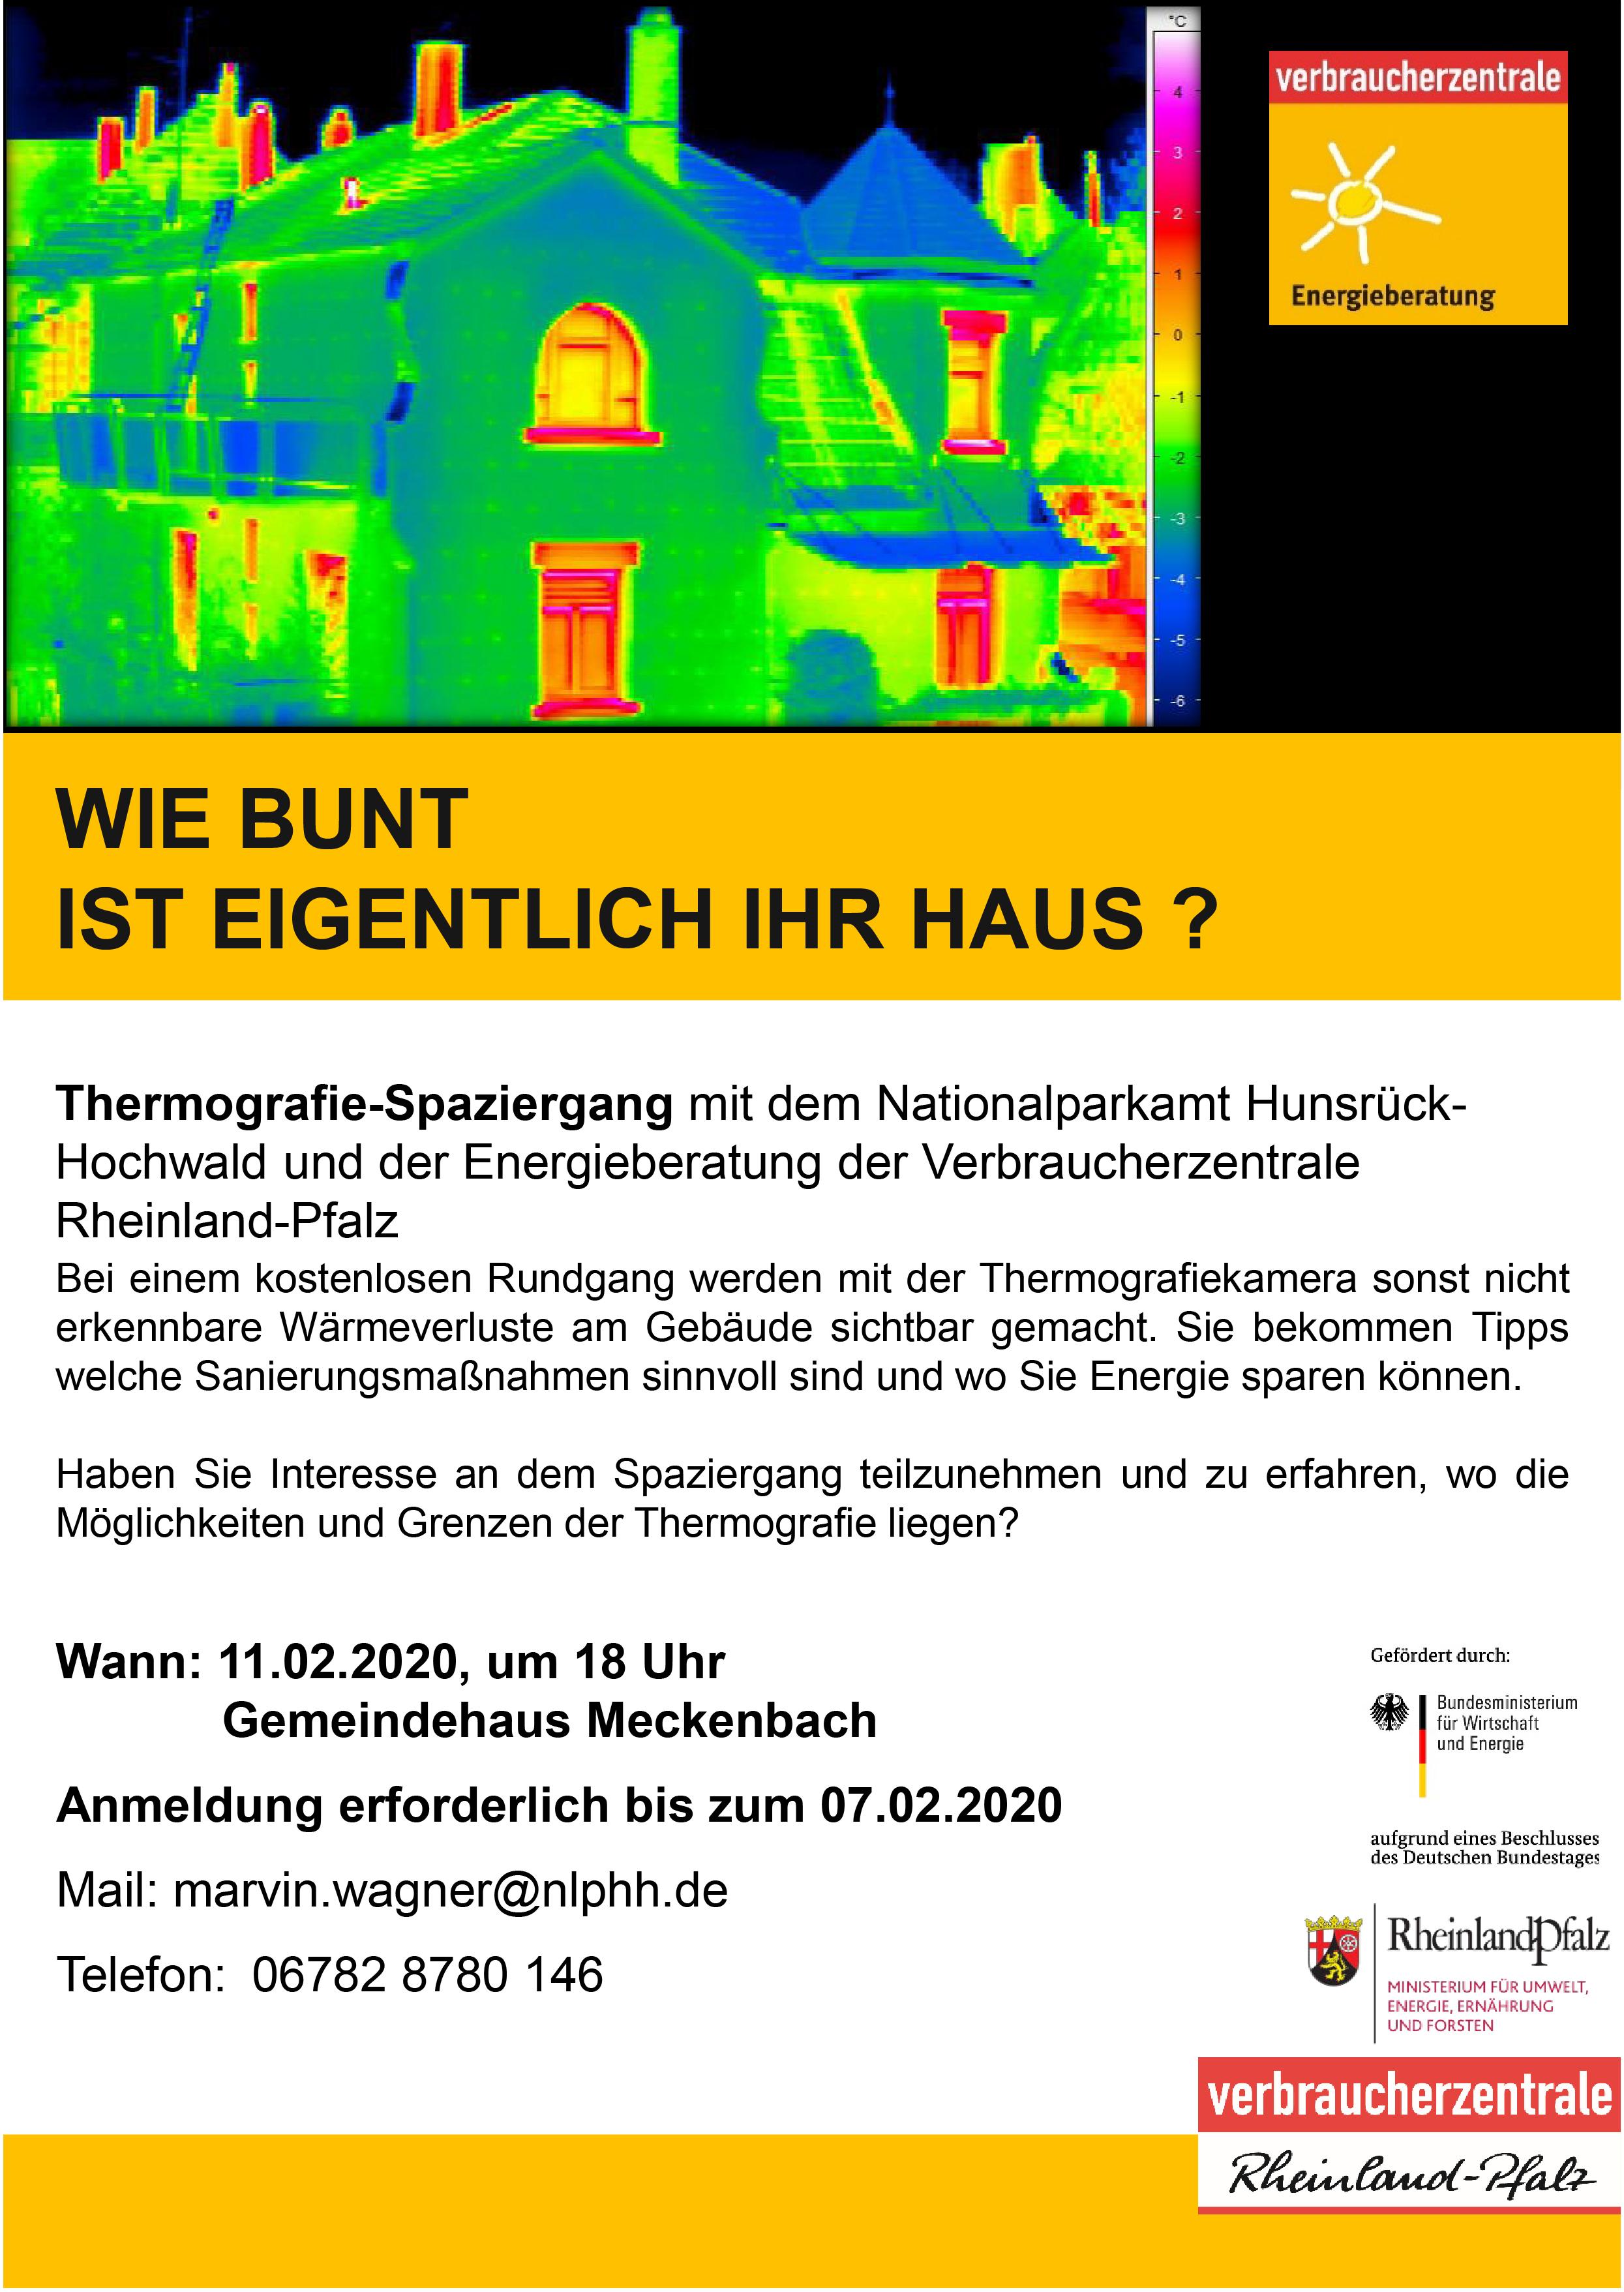 Thermografie-Spaziergang mit dem Nationalparkamt Hunsrück-Hochwald und der Energieberatung der Verbraucherzentrale Rheinland-Pfalz